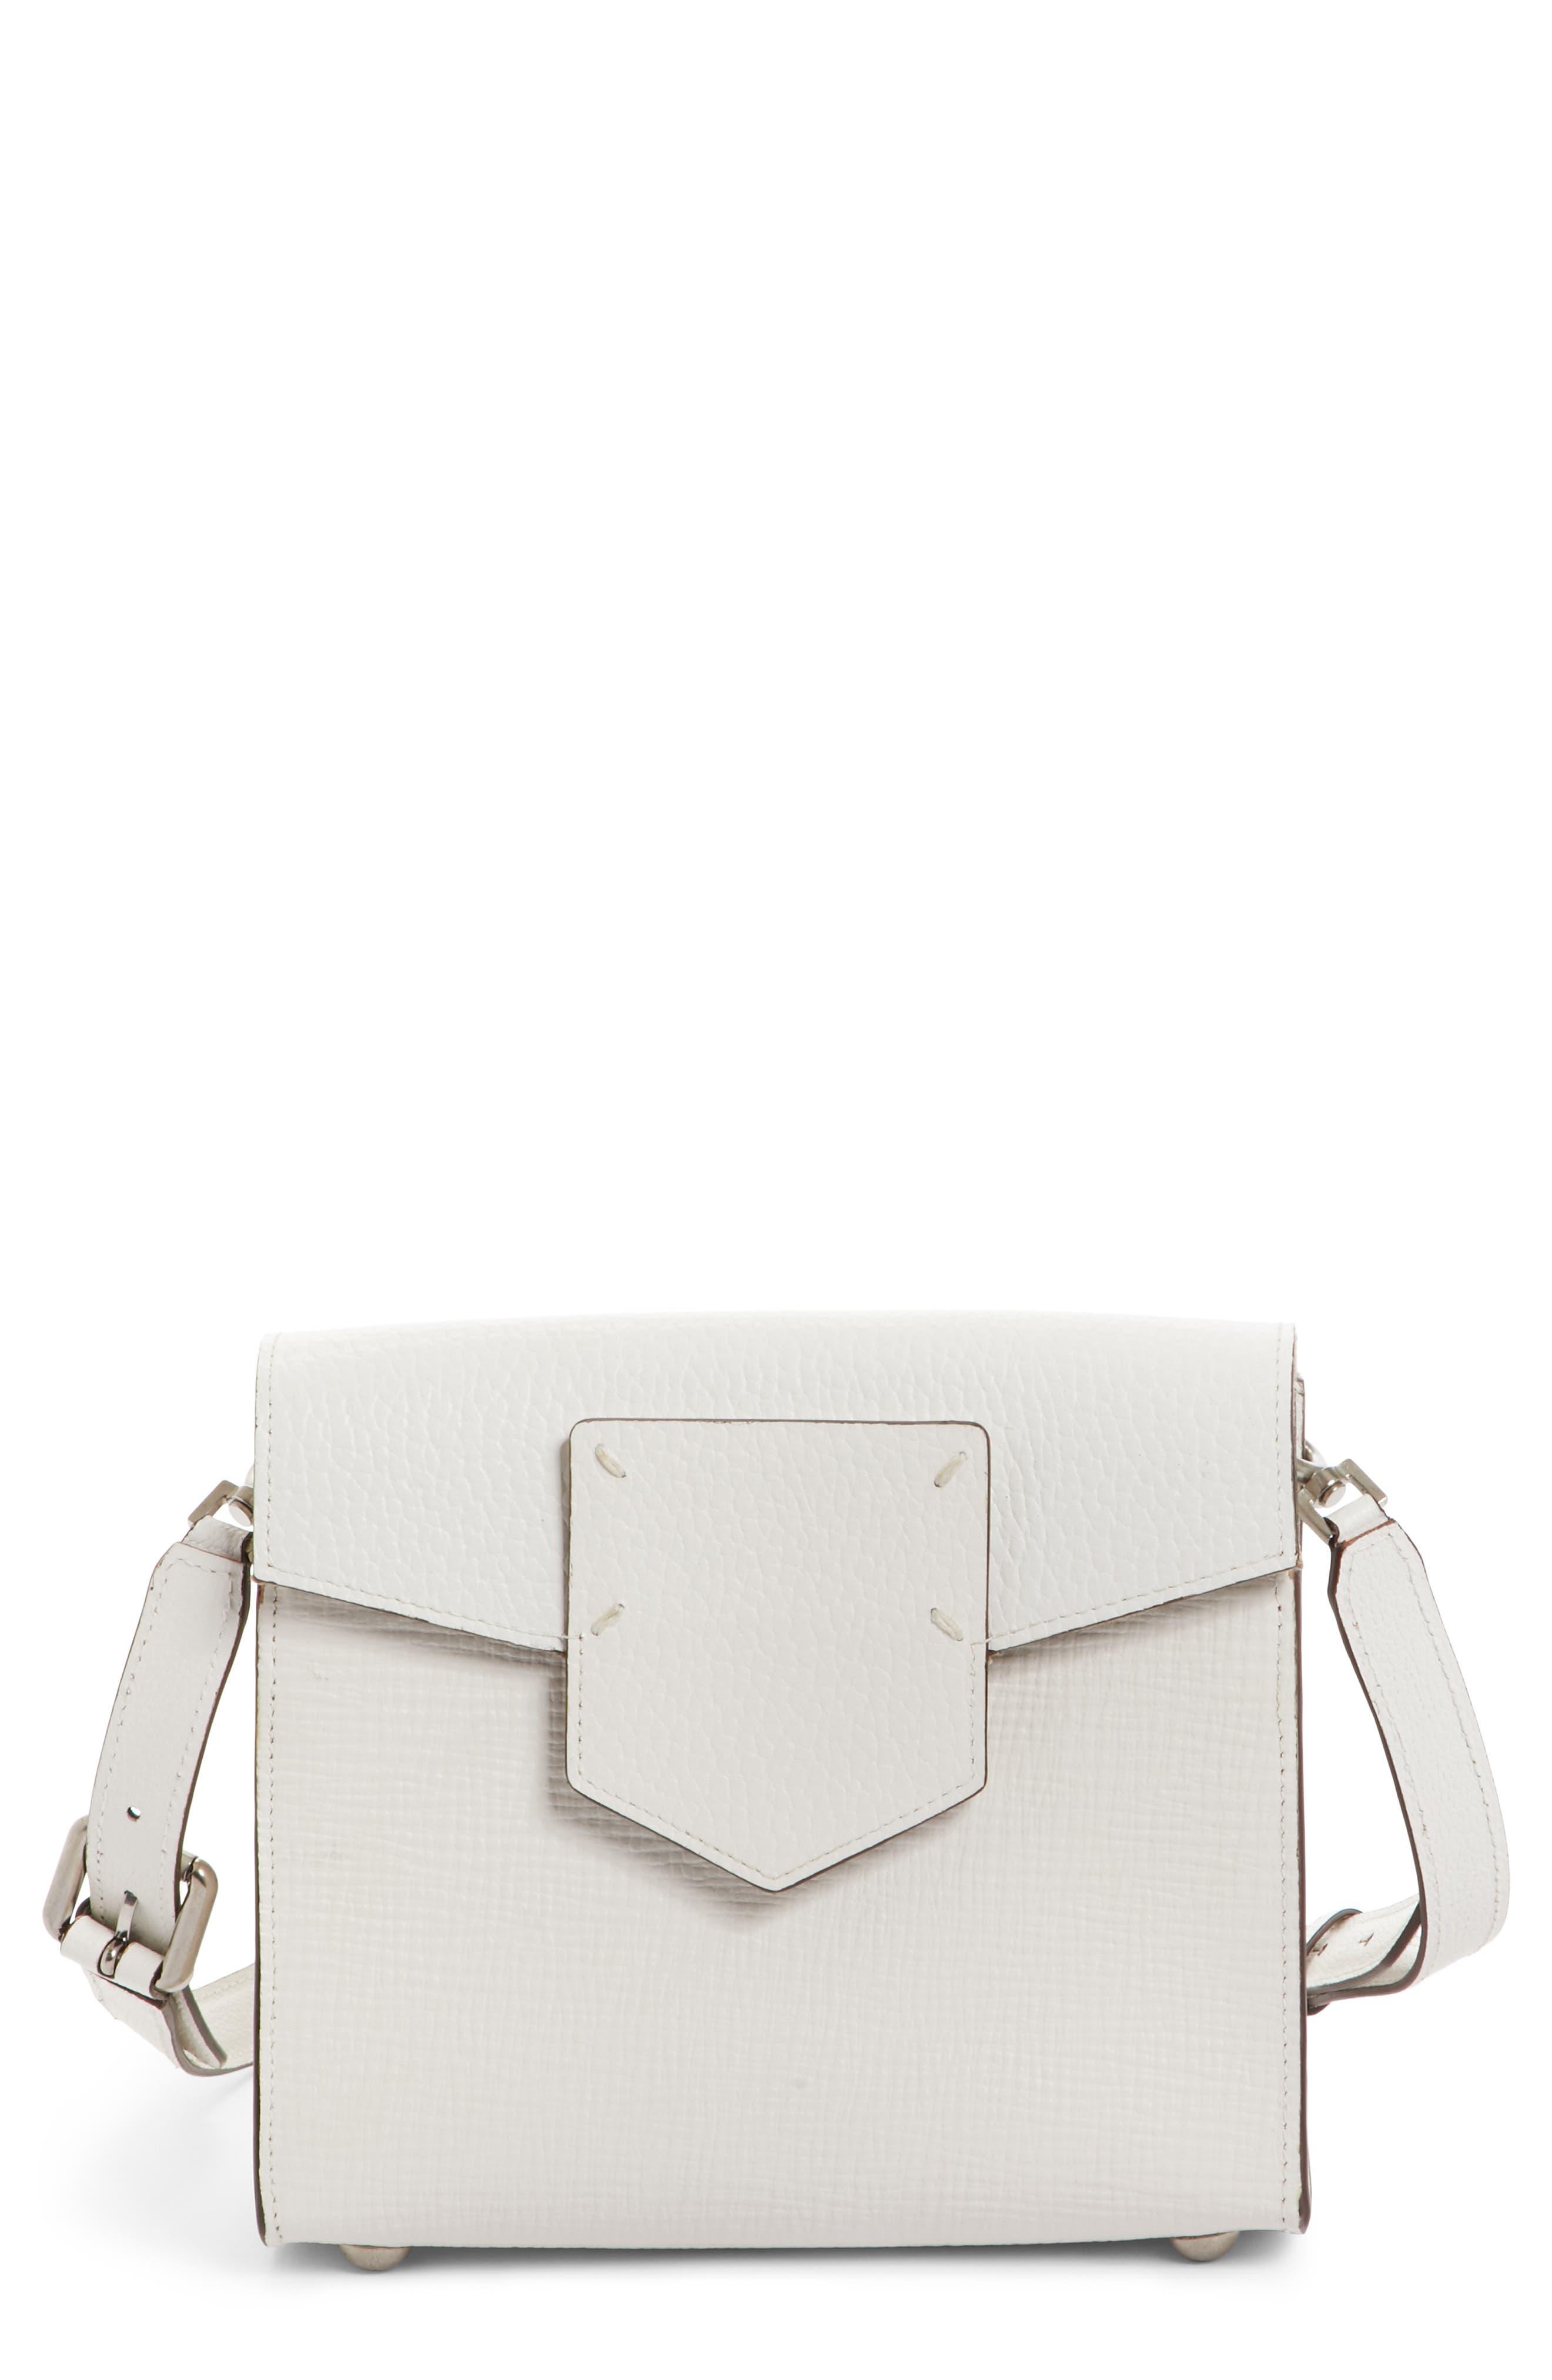 Maison Margiela Bonded Leather Crossbody Bag